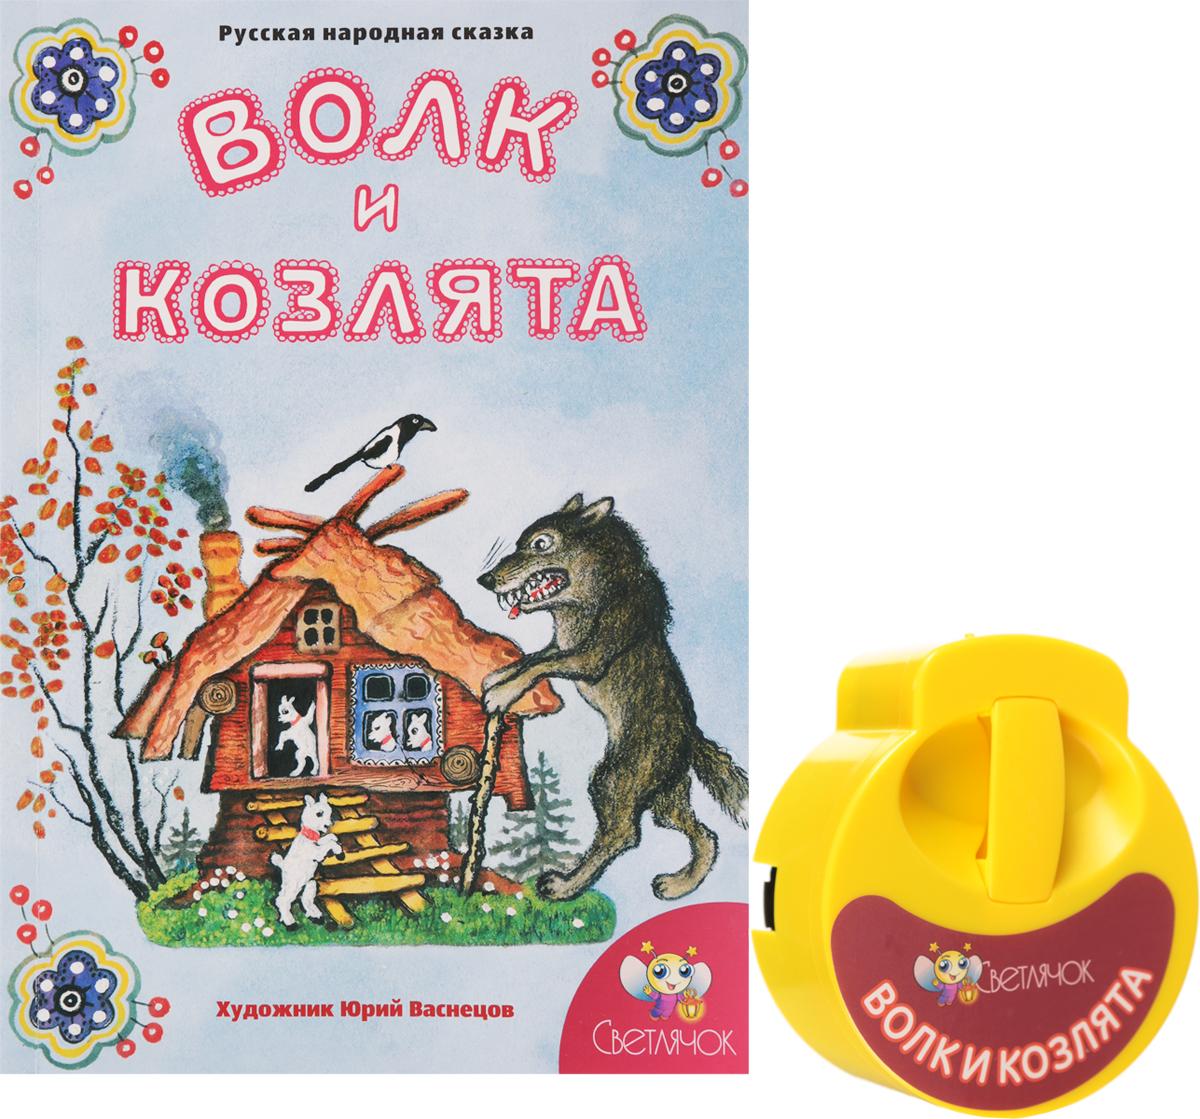 Диафильм Волк и козлята, русская народная сказка